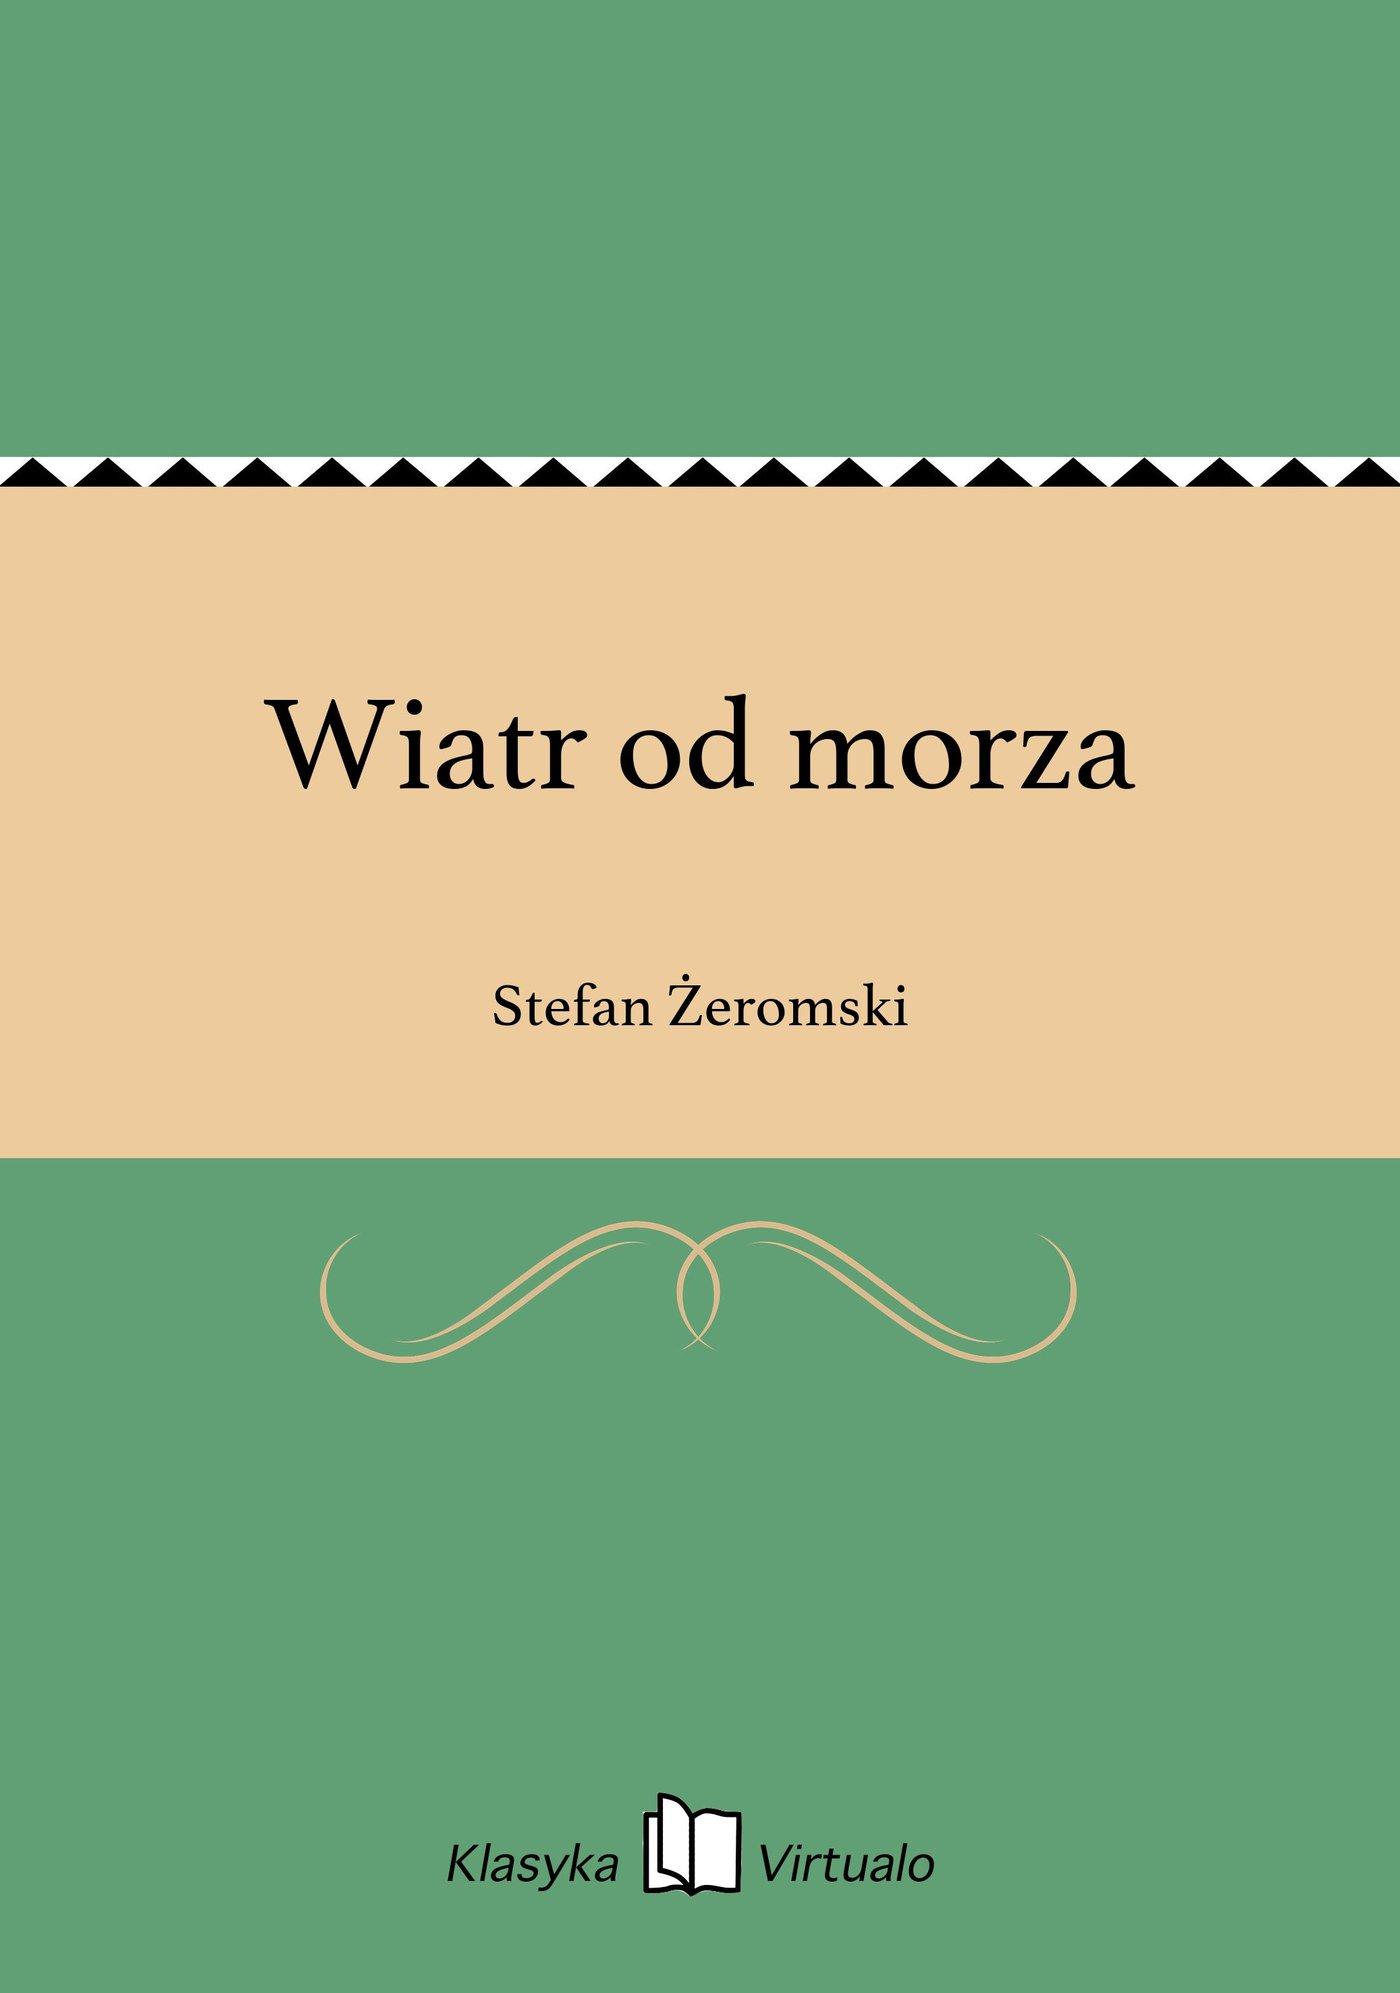 Wiatr od morza - Ebook (Książka EPUB) do pobrania w formacie EPUB